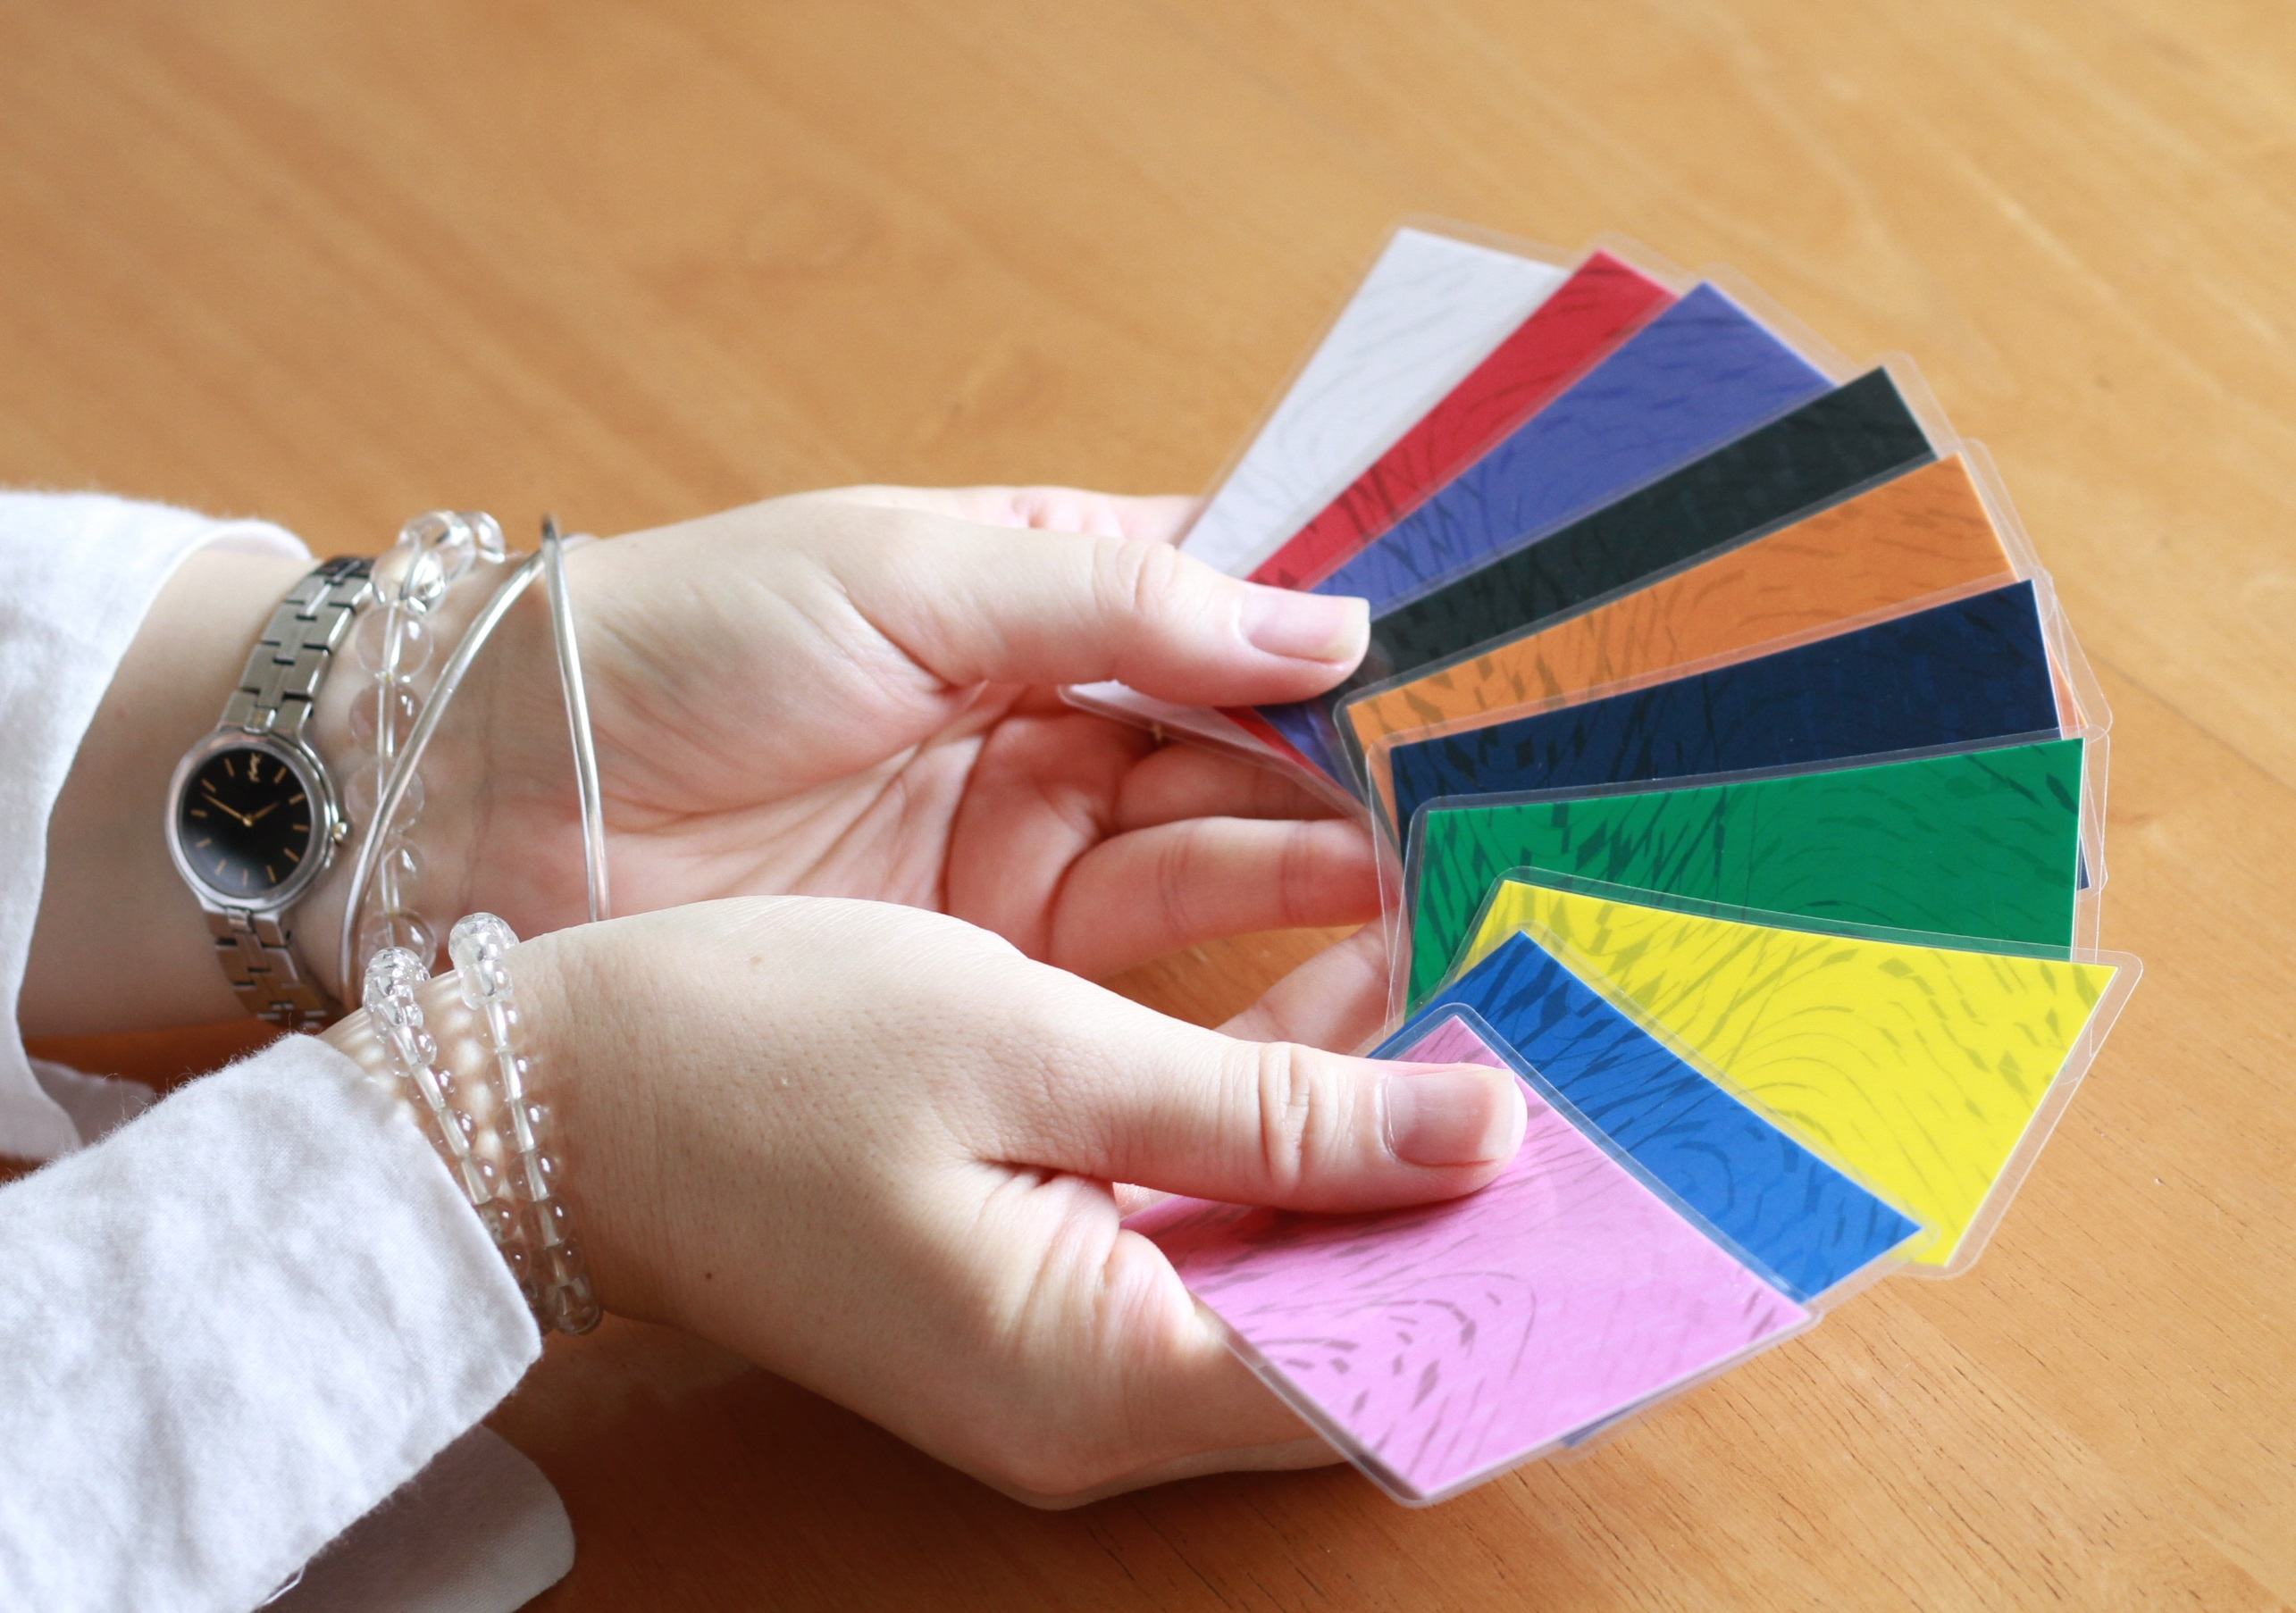 カラー セラピスト 資格 簡単